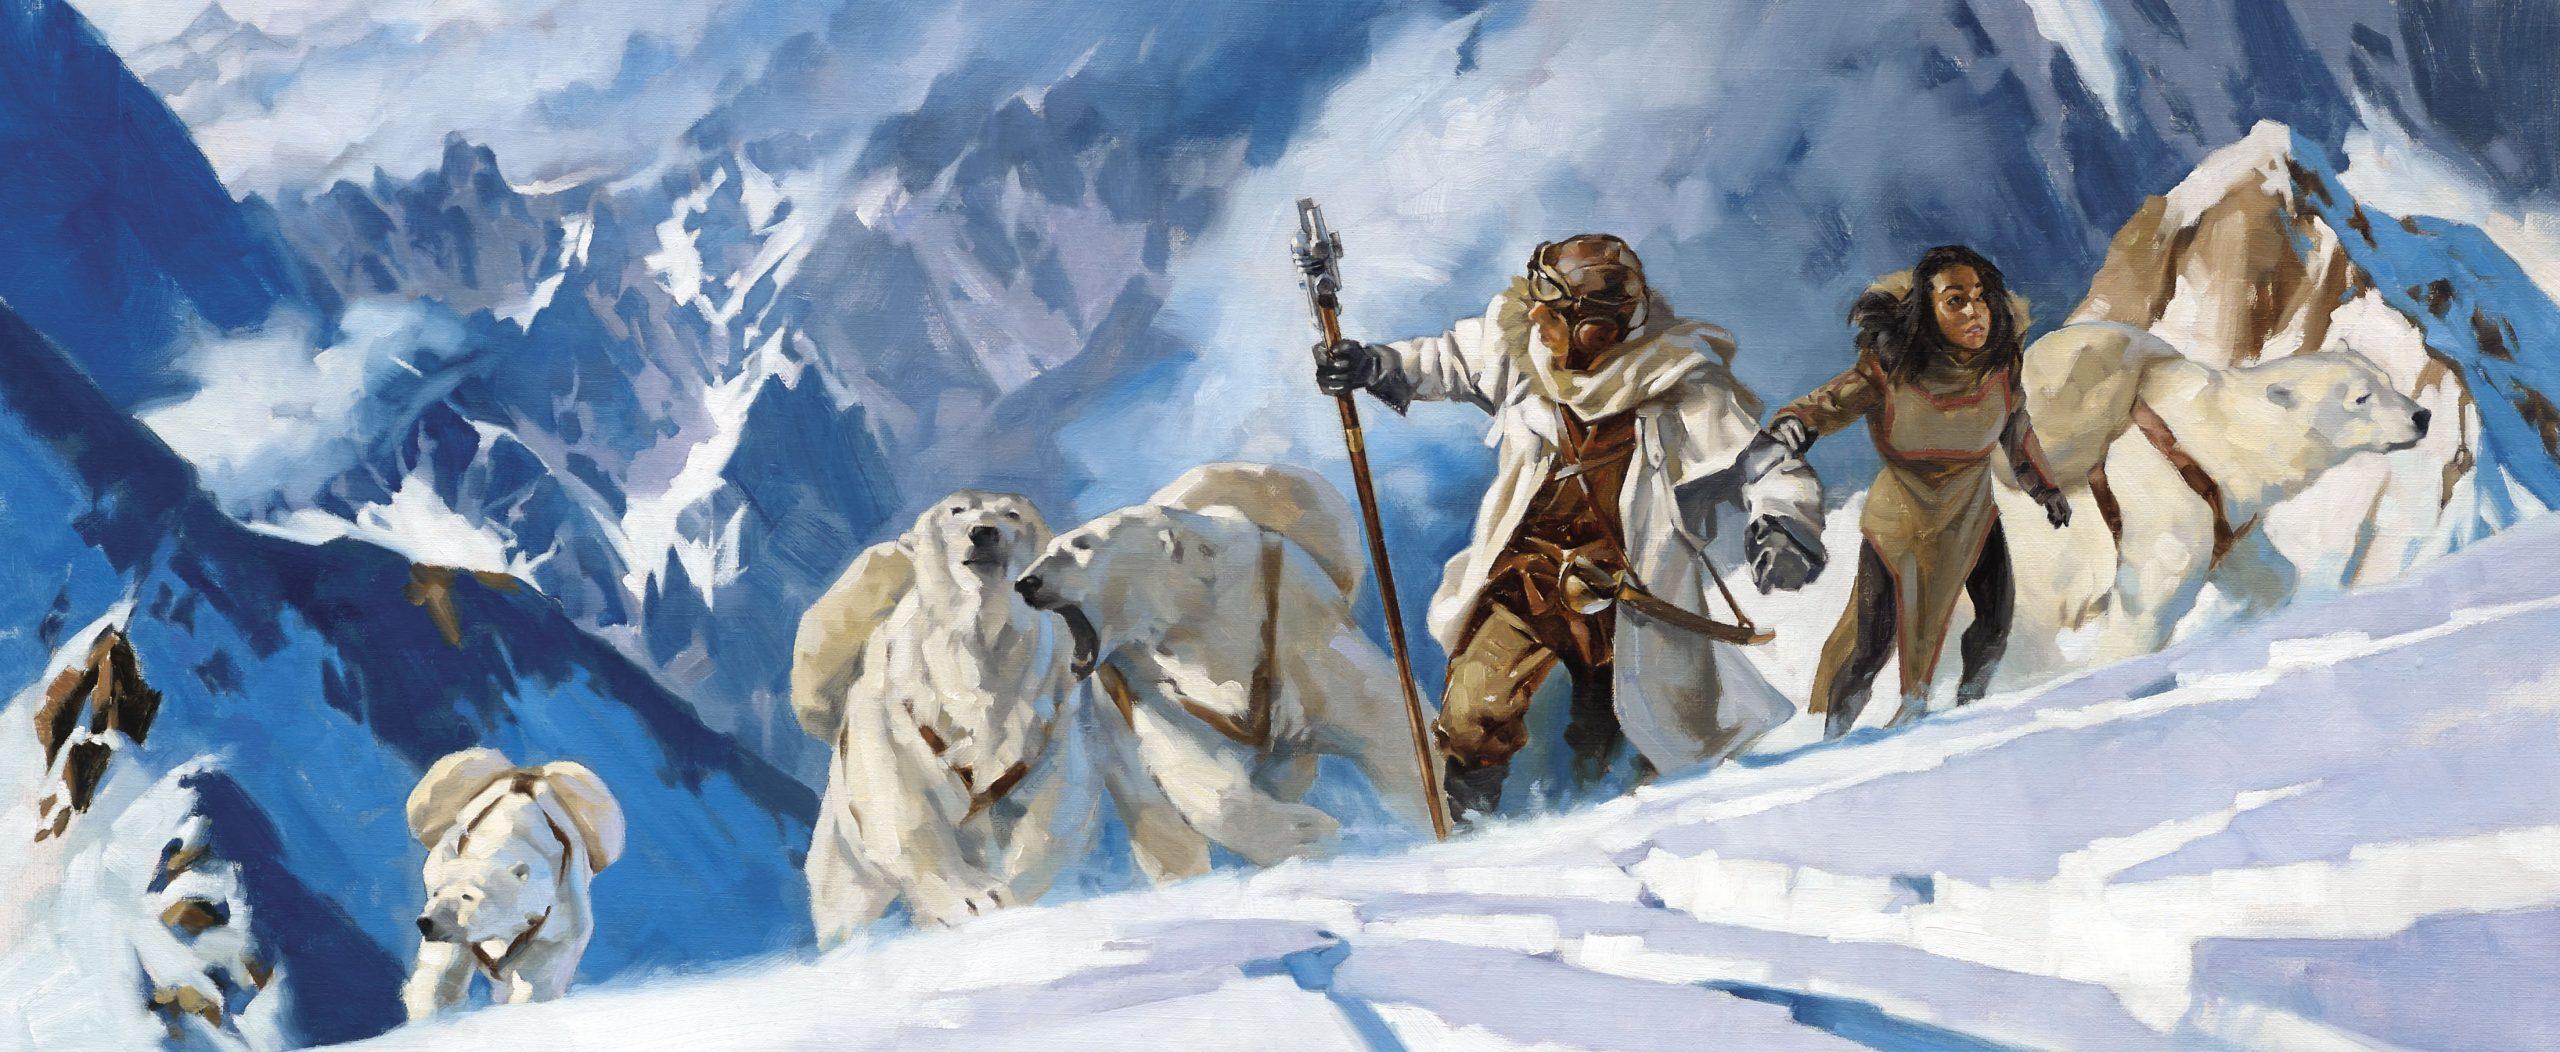 «Дневник Уэса»: отрывок изиллюстрированного романа «В ледяном плену» Грегори Манчесса 16